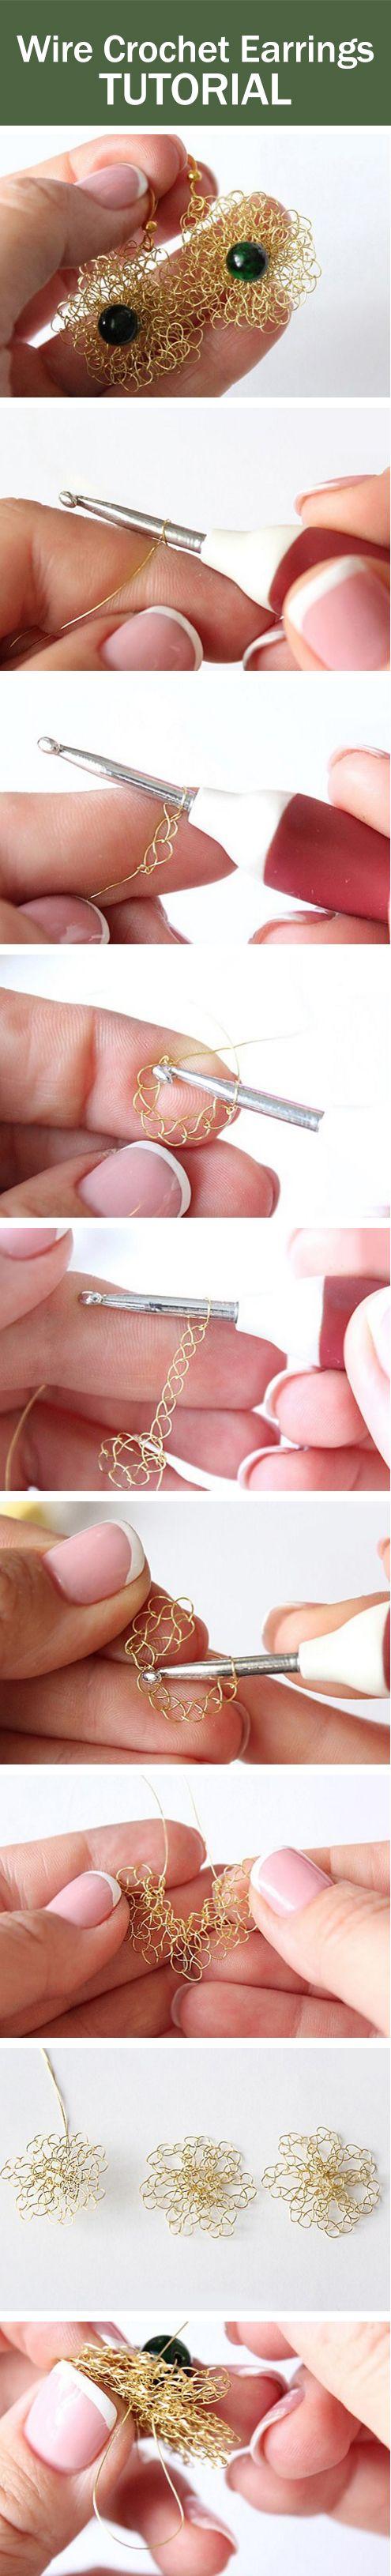 Вязаные украшения крючком со схемами вязания и описанием